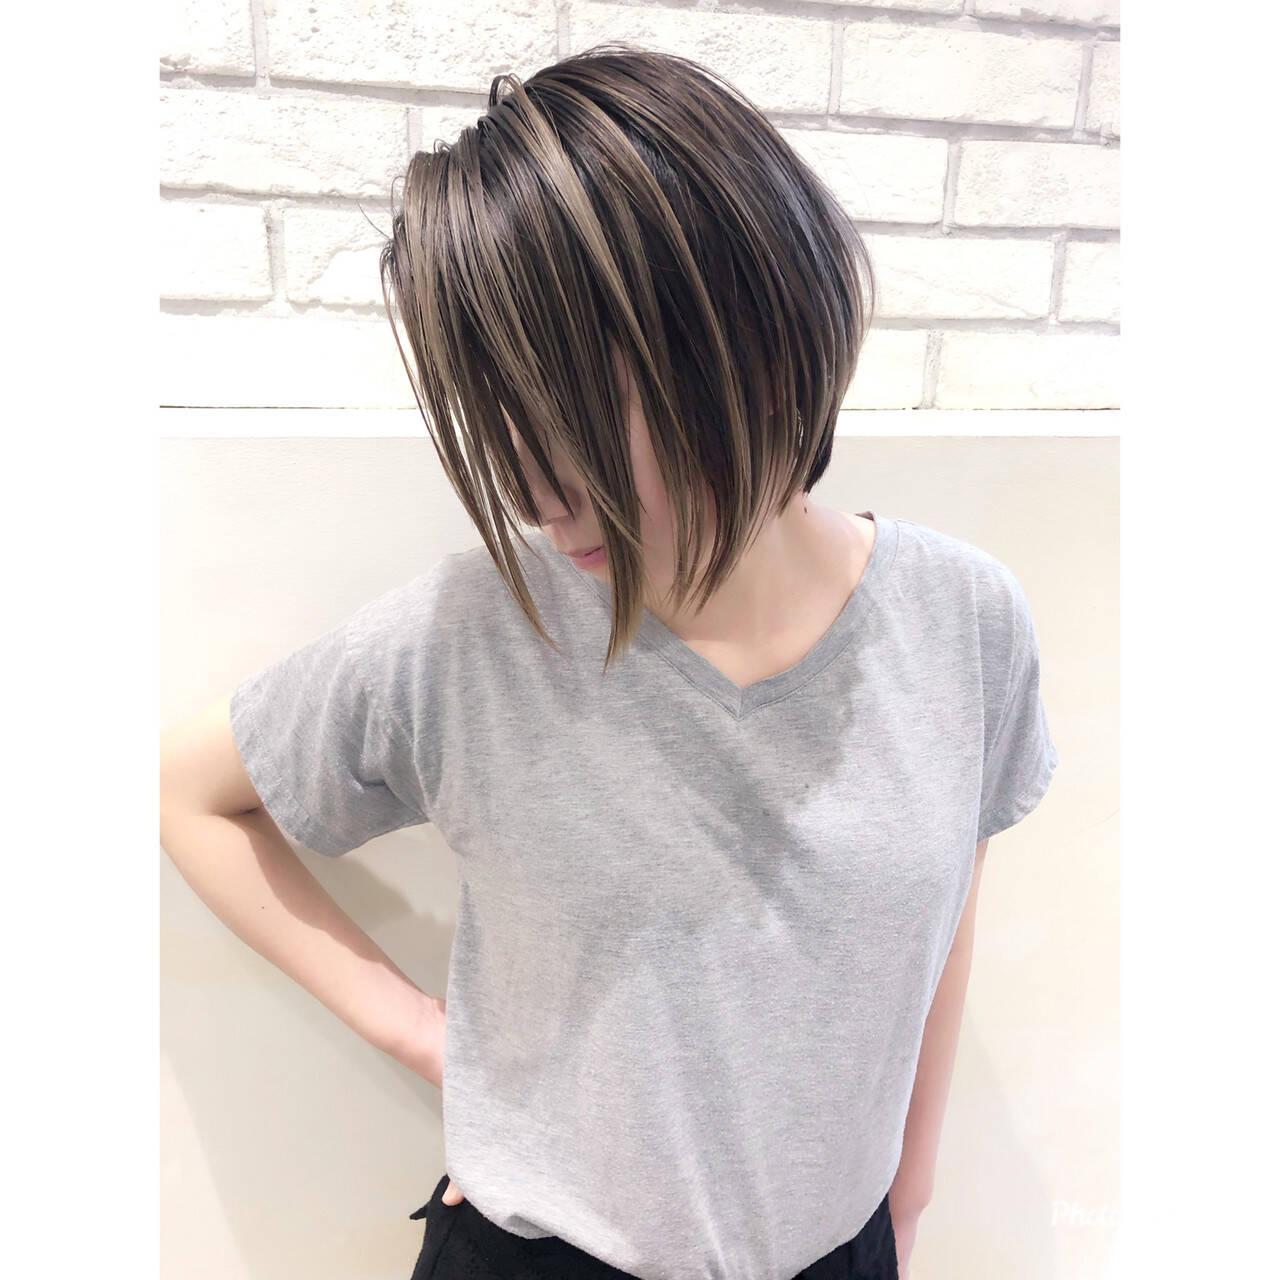 グレージュ ハイライト アンニュイほつれヘア ショートヘアスタイルや髪型の写真・画像